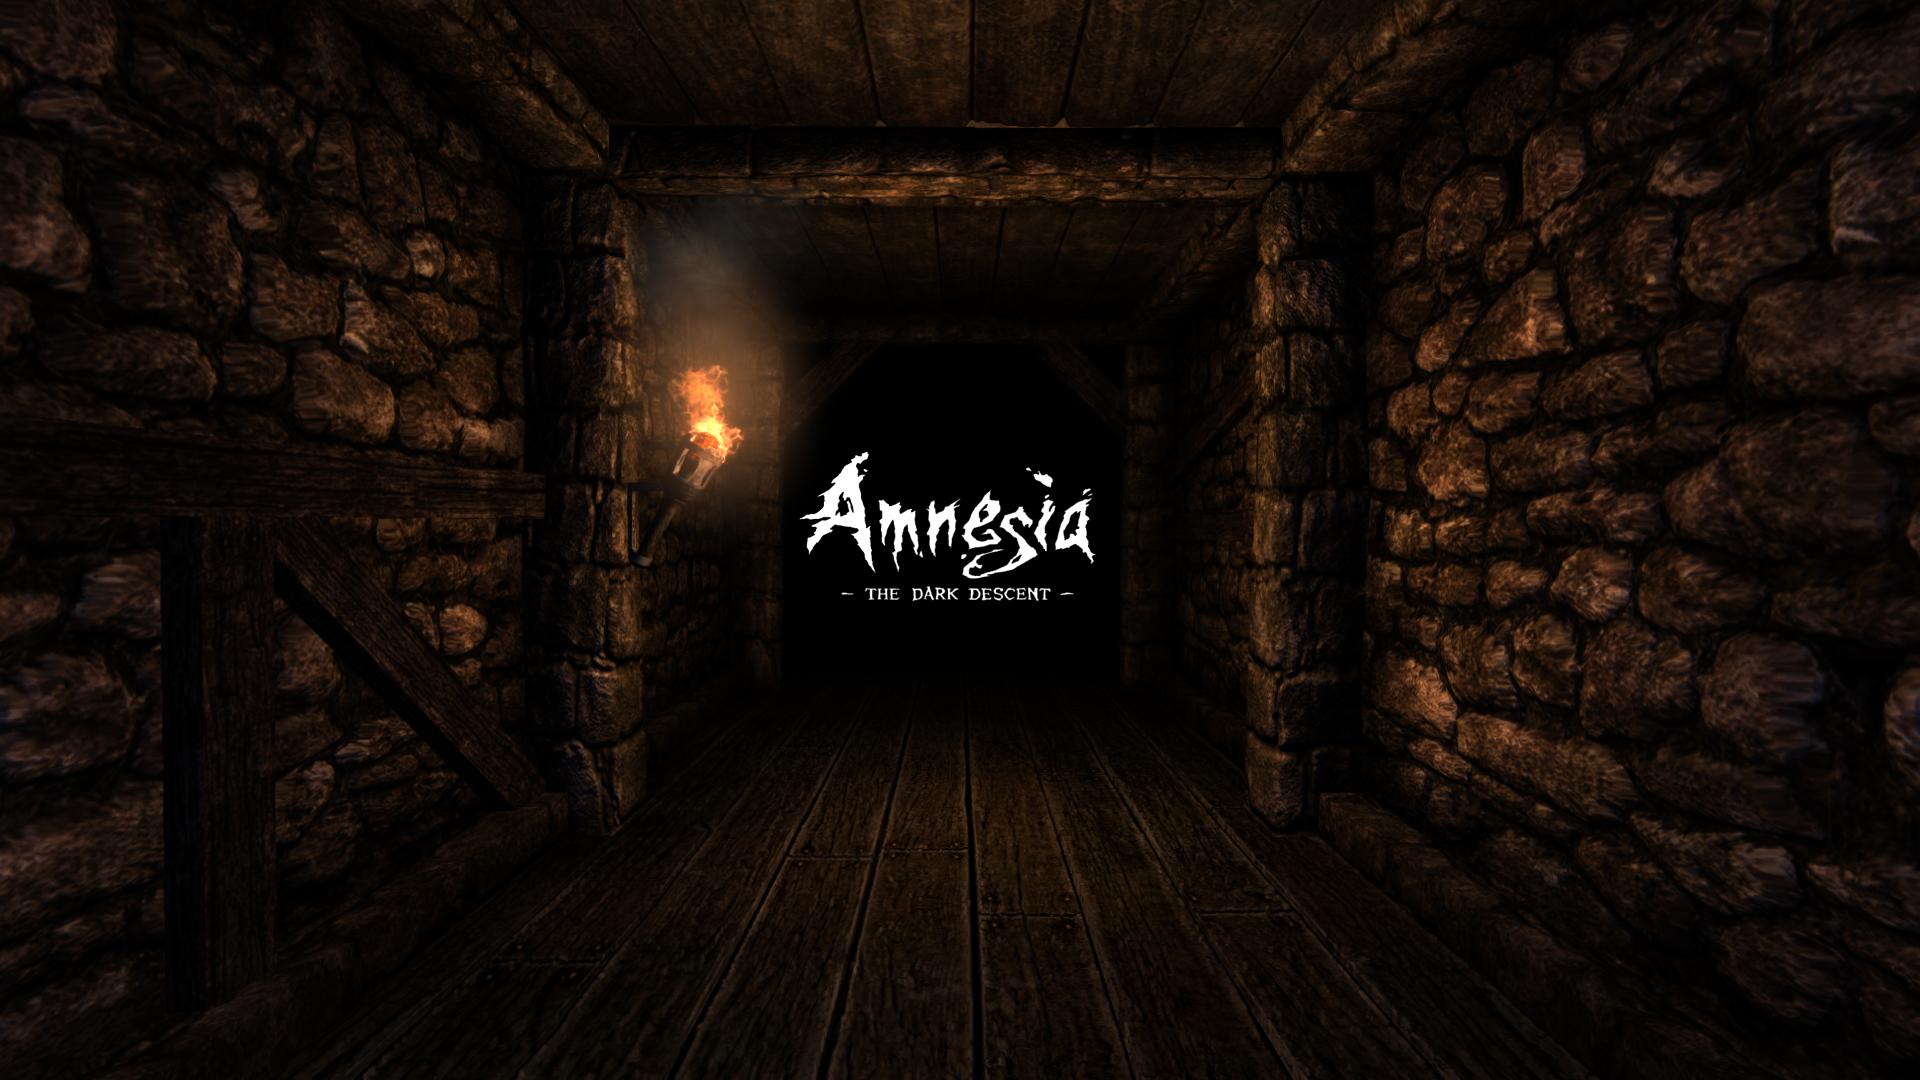 Amnesia The Dark Descent HD Wallpaper Background Image 1920x1080